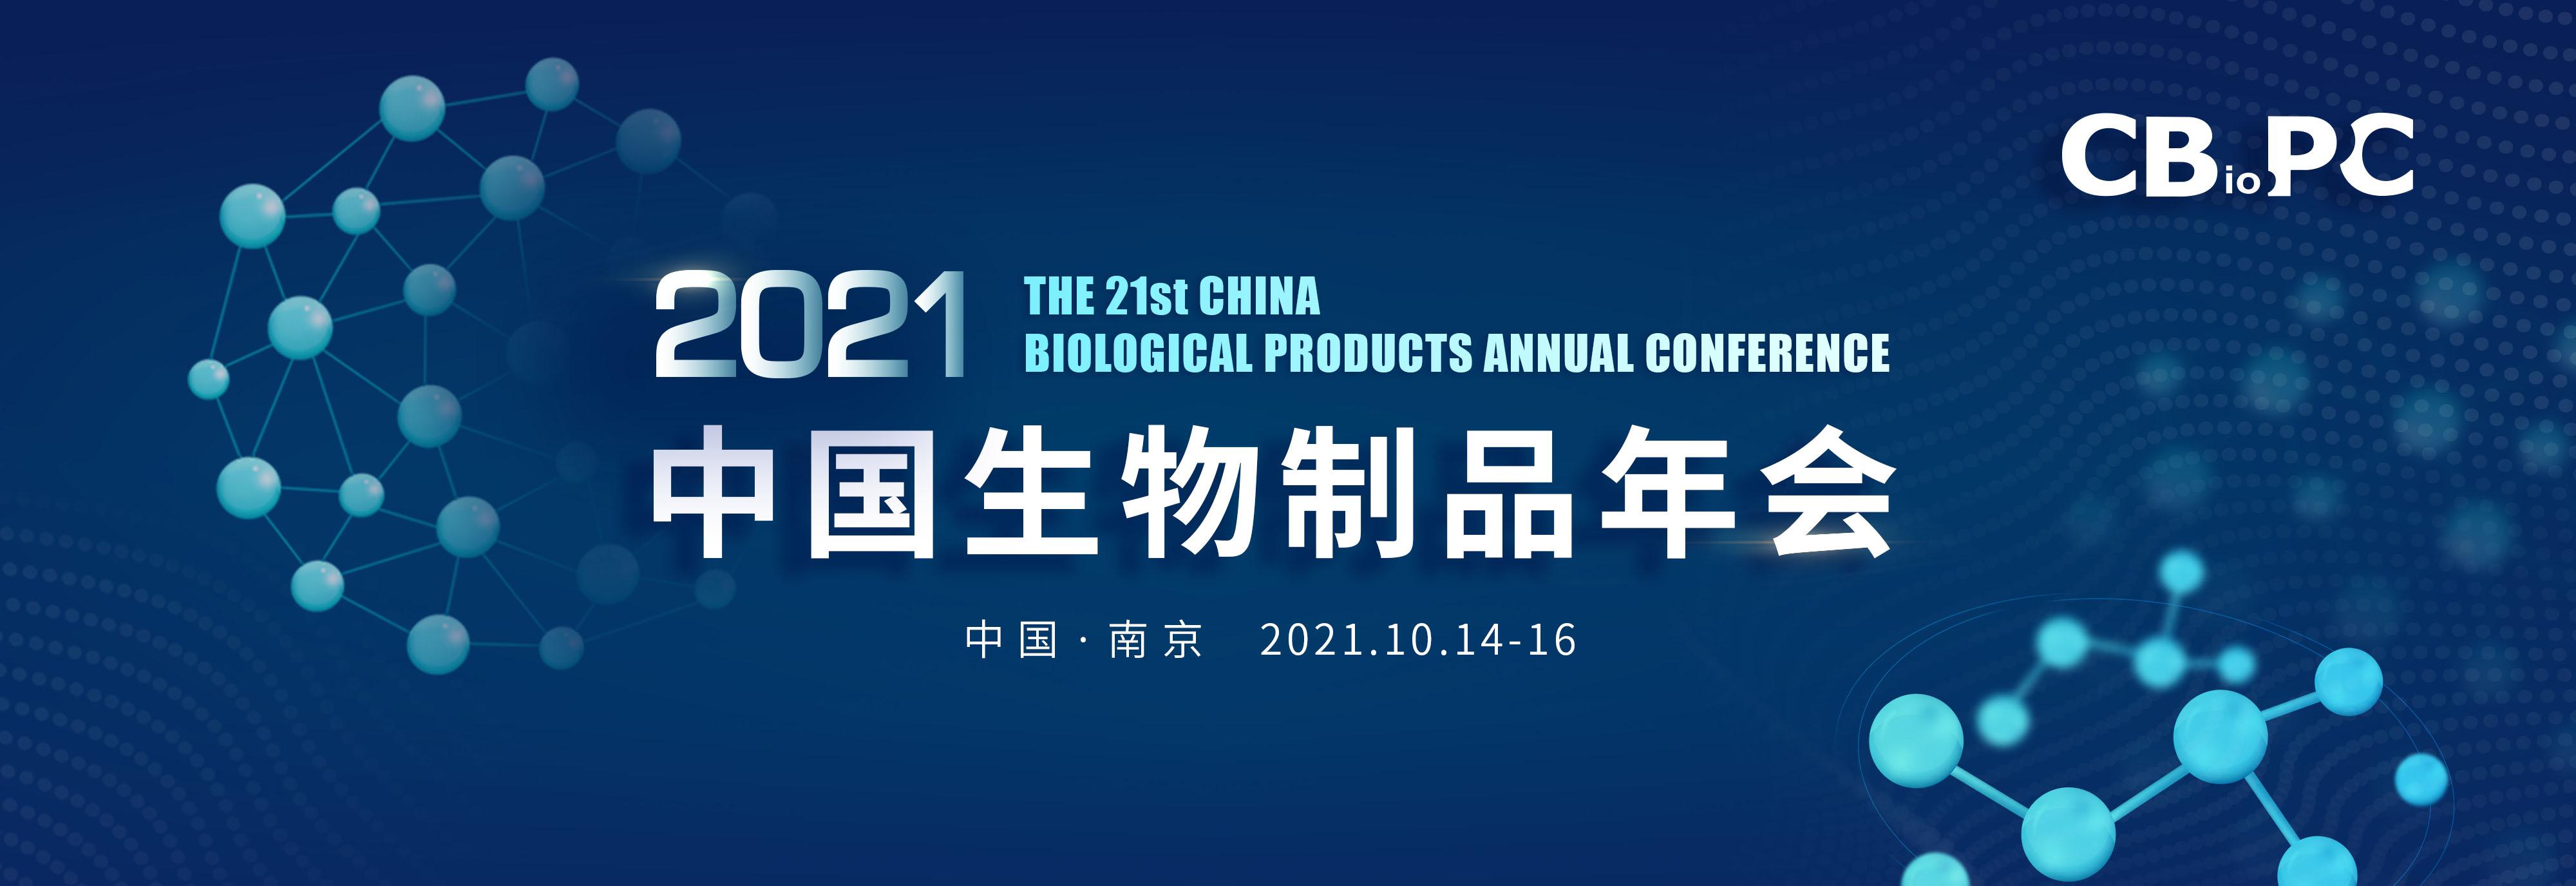 会议通知(第三轮) | 第二十一届中国生物制品年会(CBioPC2021)